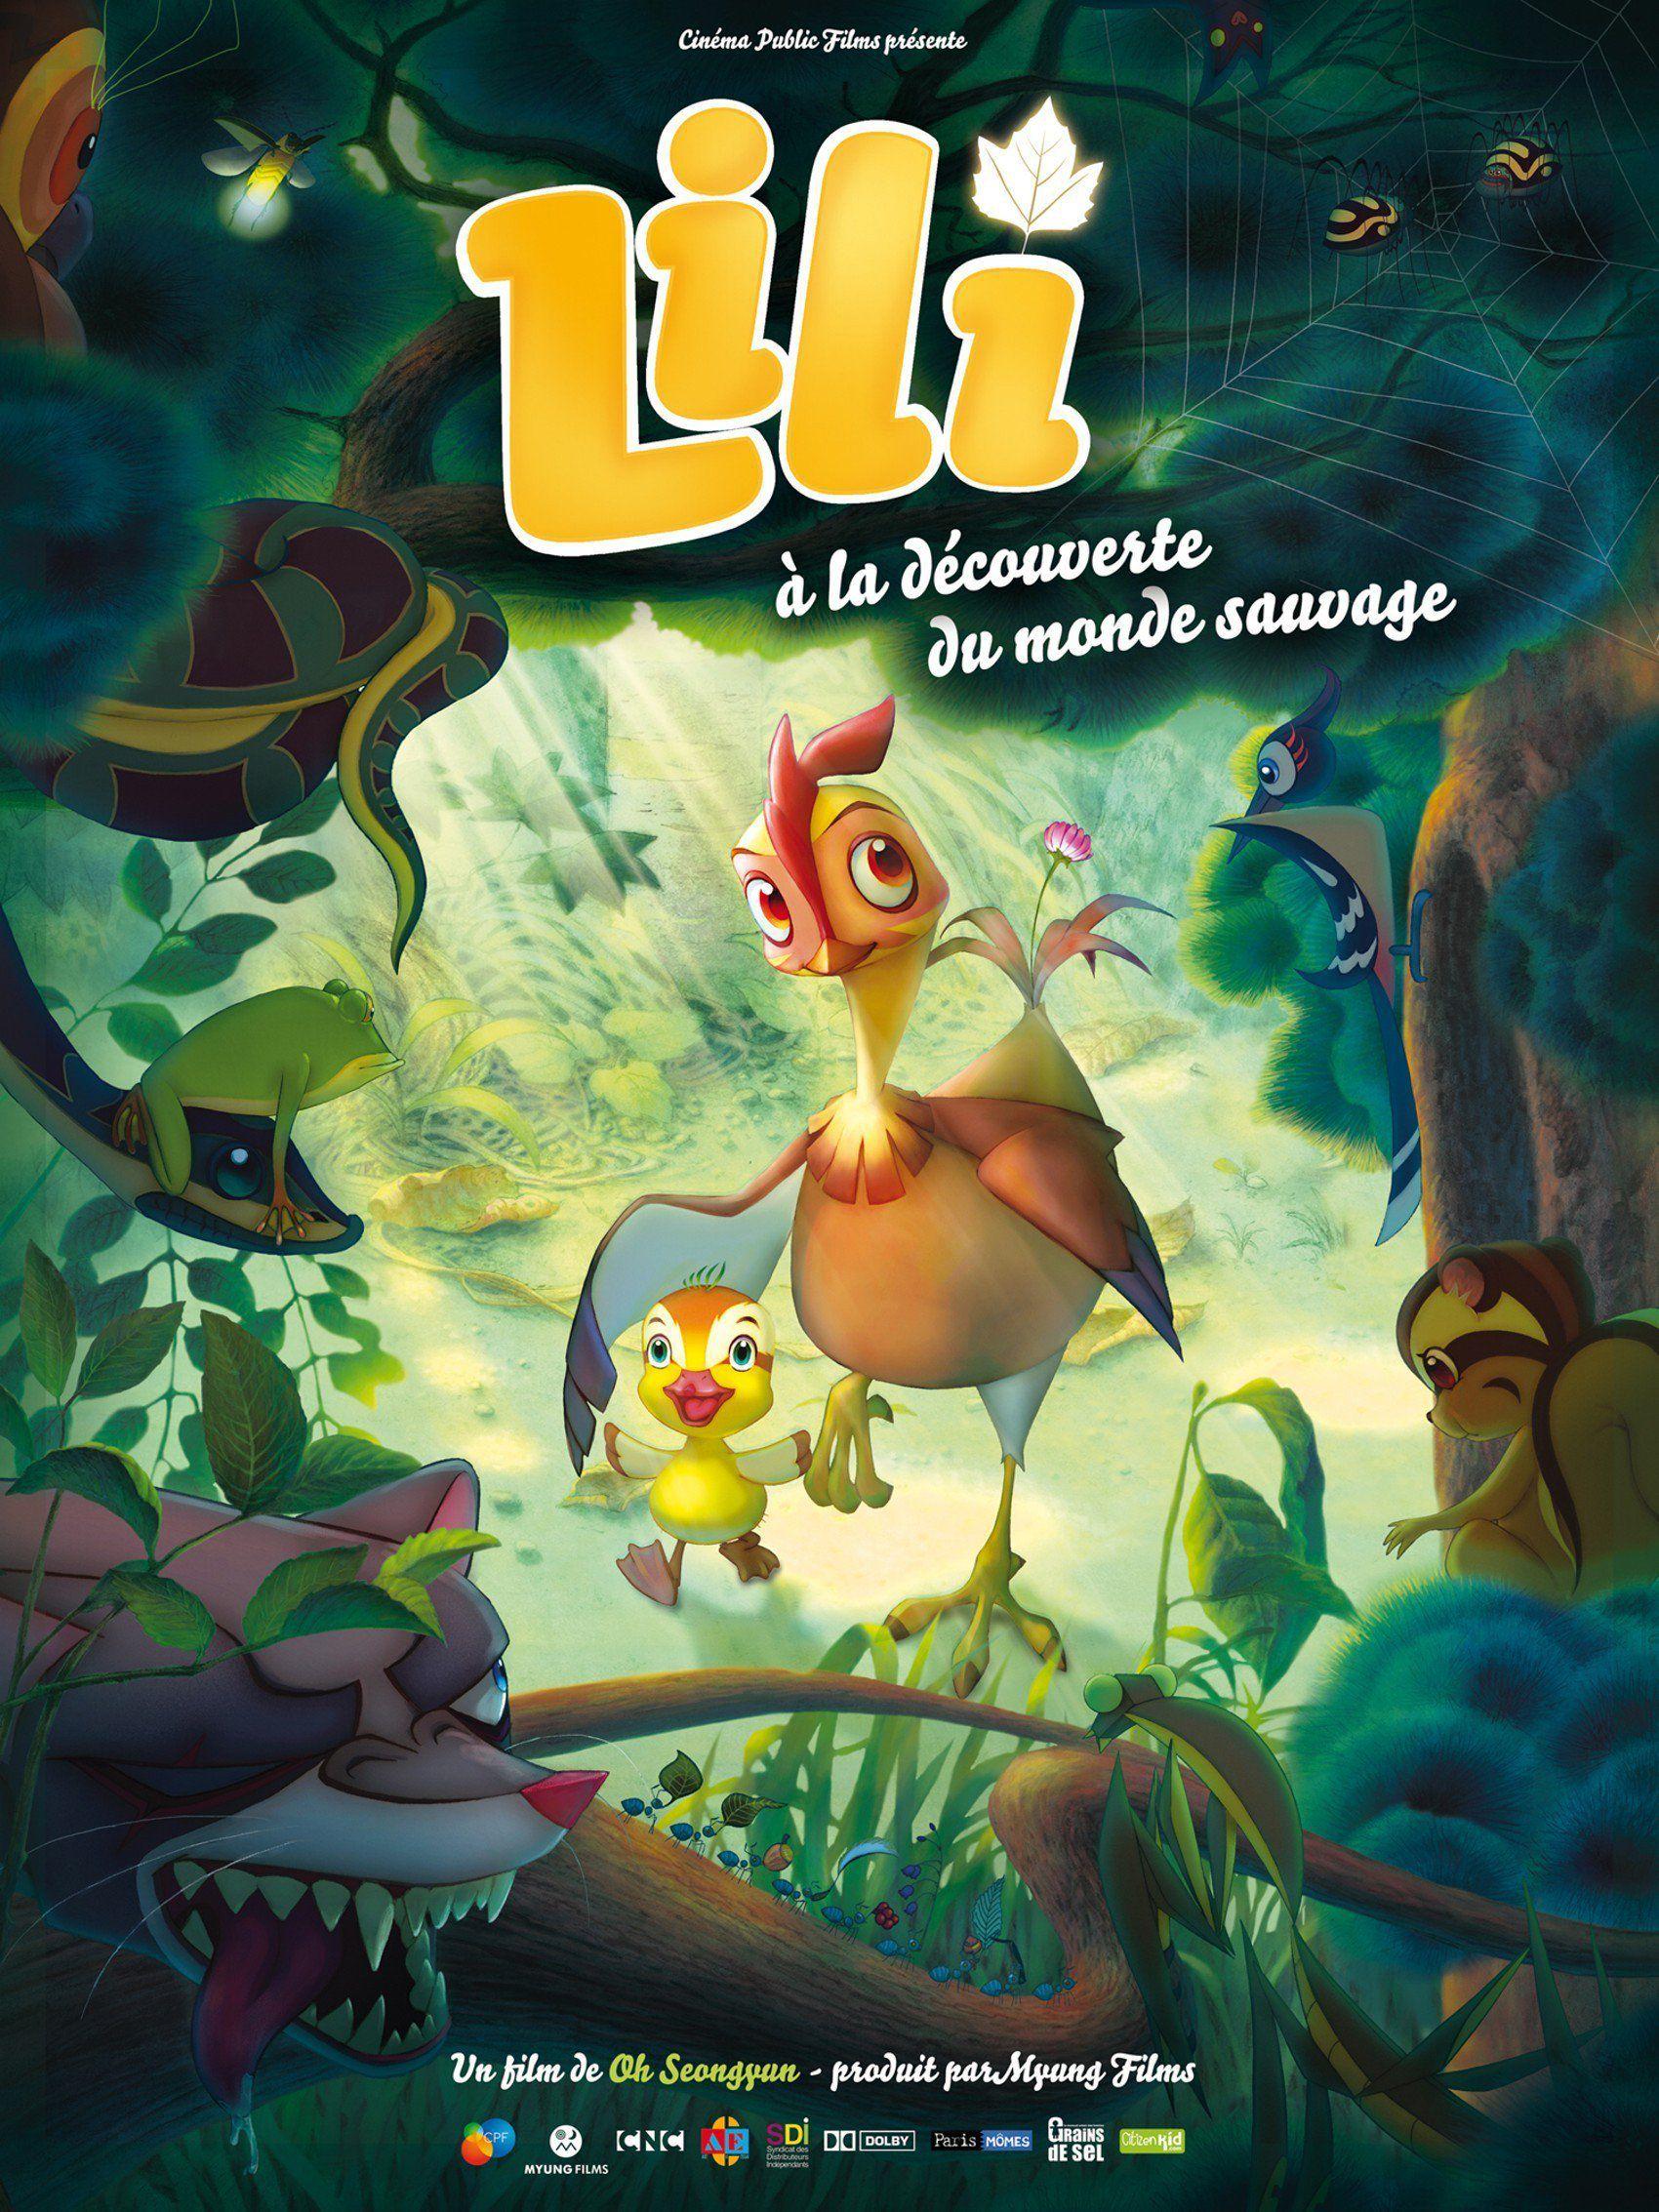 Lili à la découverte du monde sauvage - Long-métrage d'animation (2011)